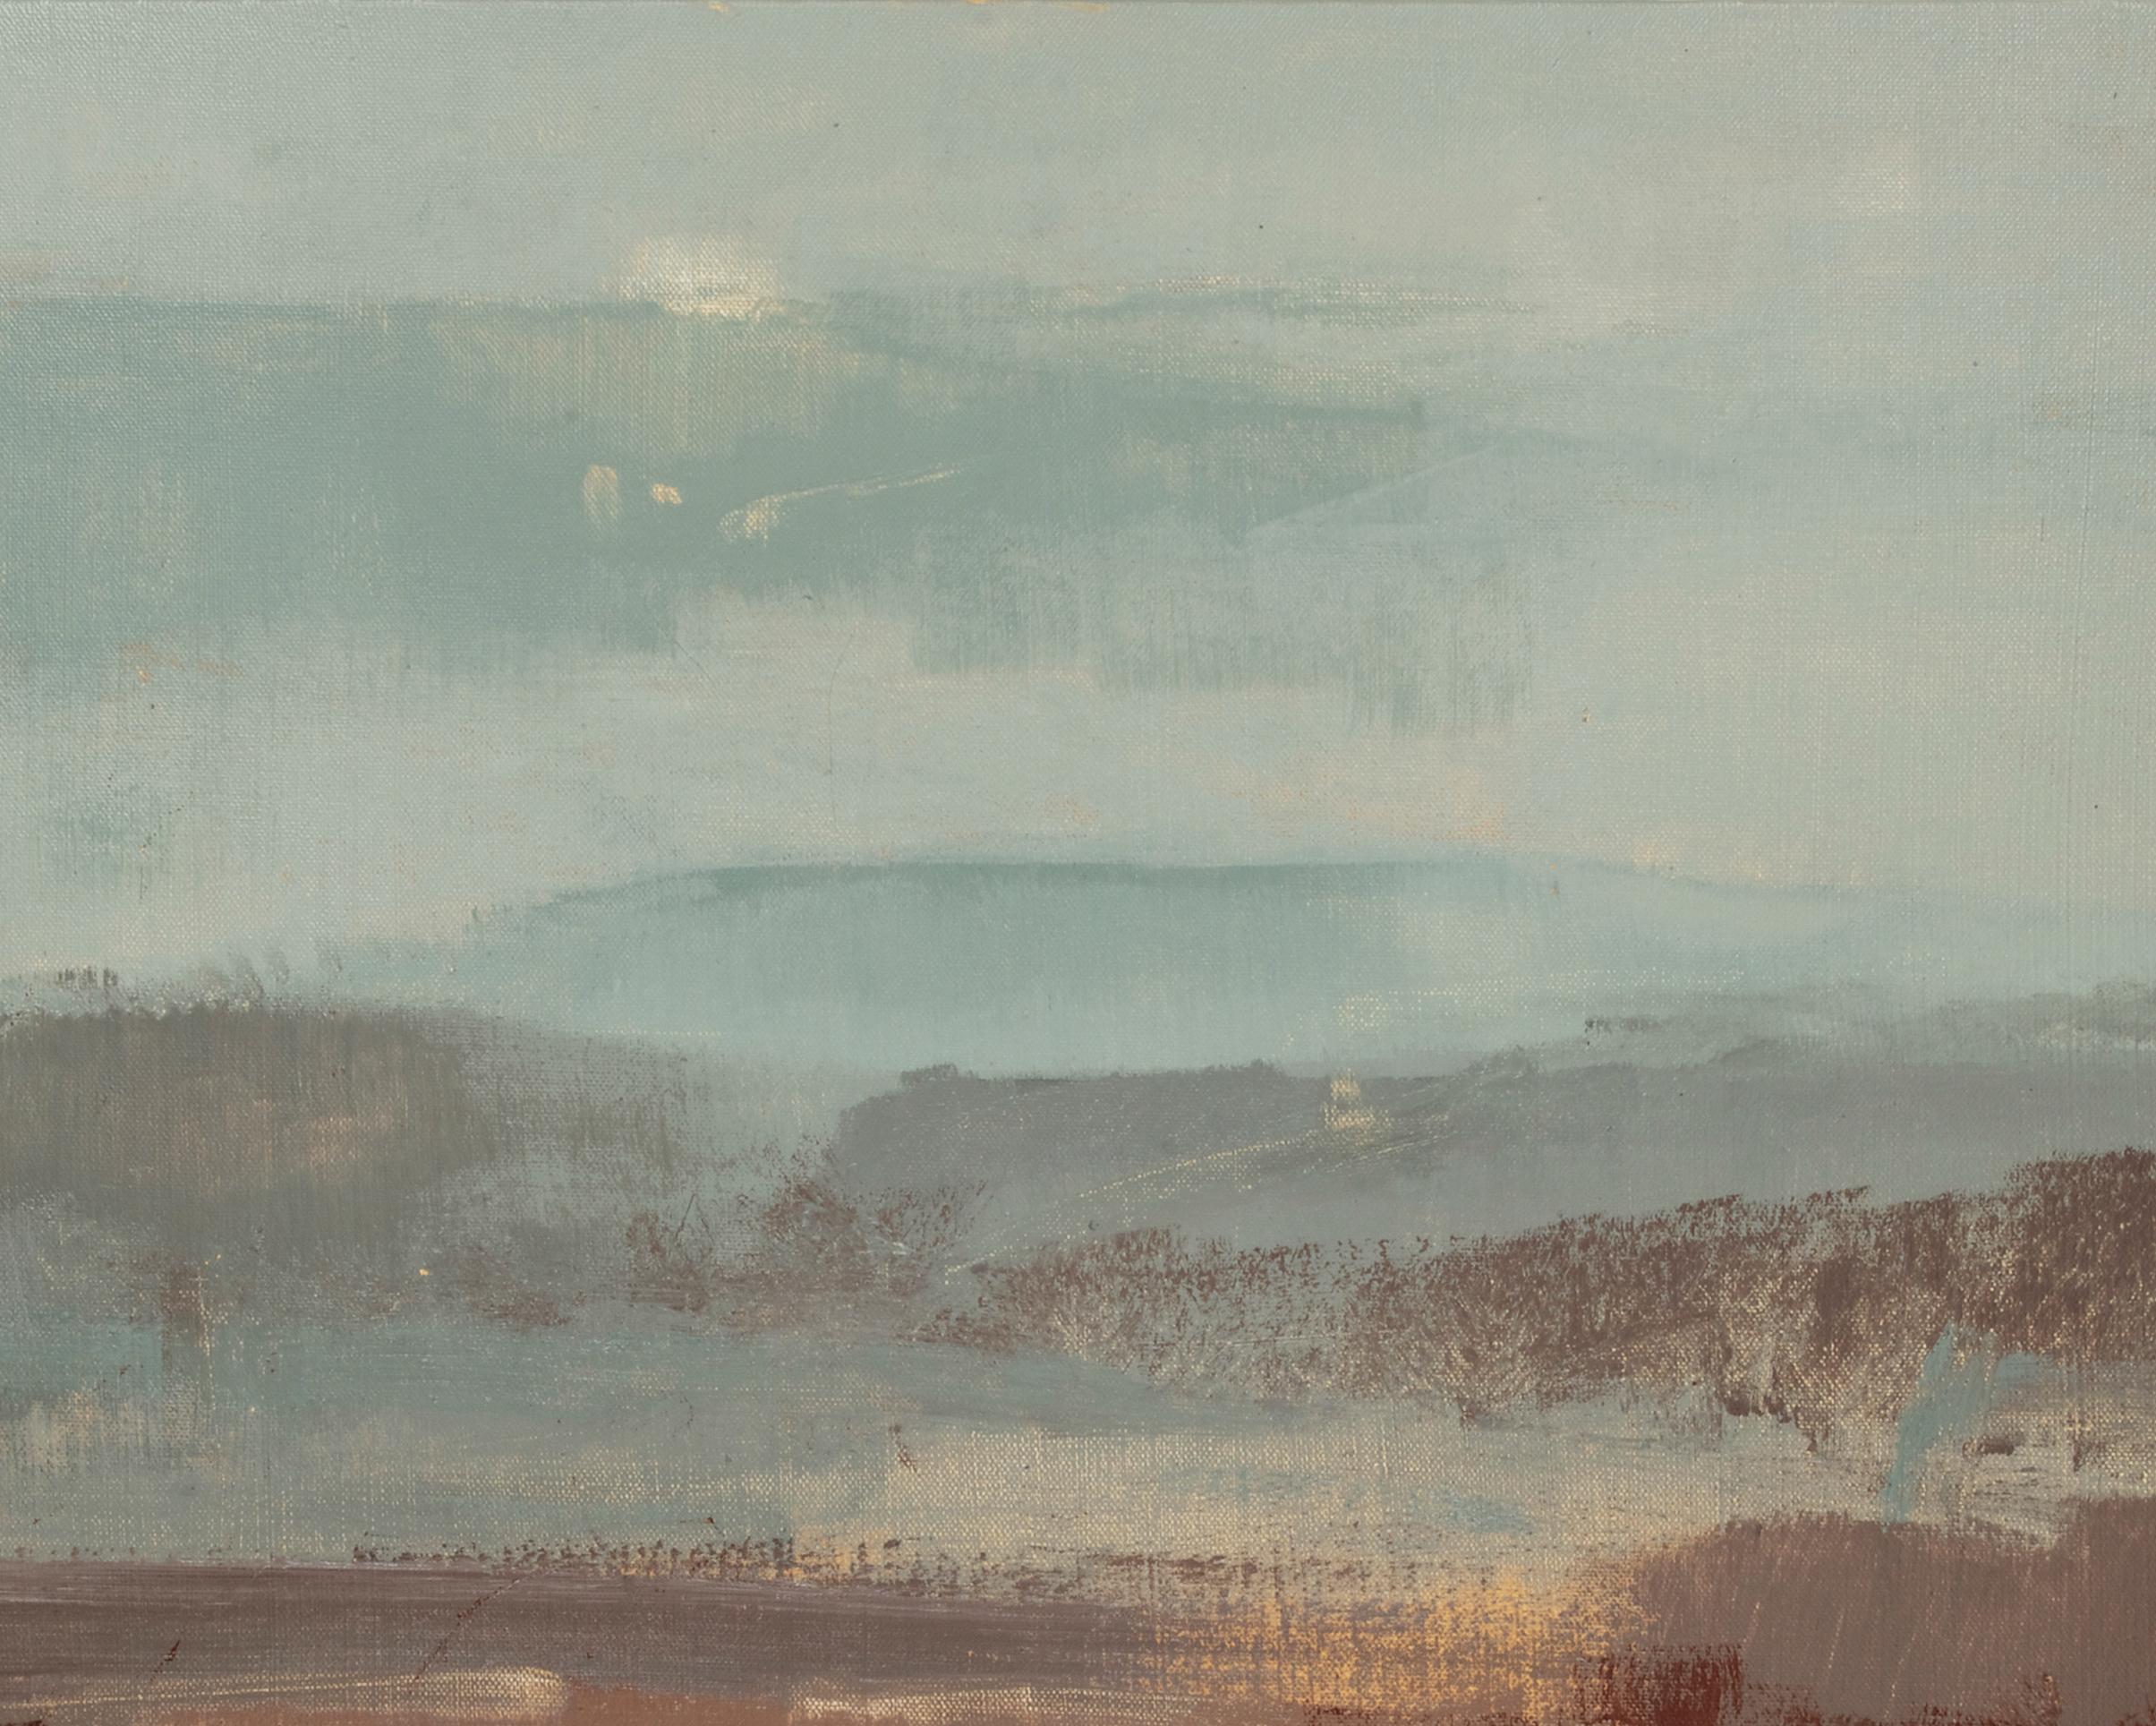 Artist: David Scott Moore  Title: Mill Hill Autumn Sunset  II  Size: 60 x 70 cm  Medium: Oil on canvas  Price: £1400